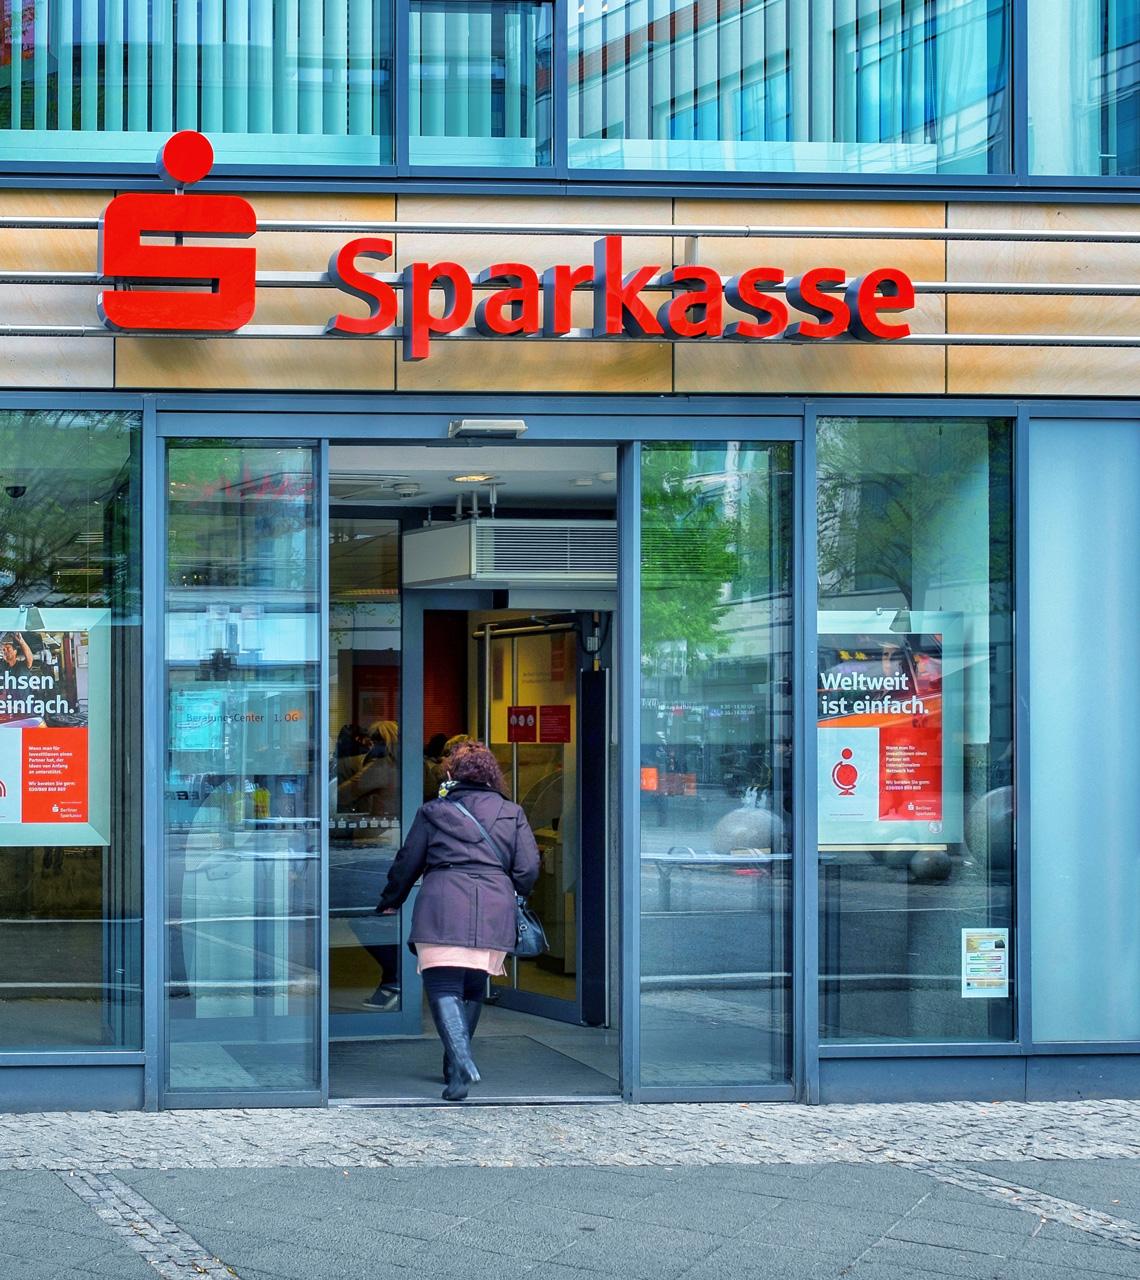 Berliner Sparkassw